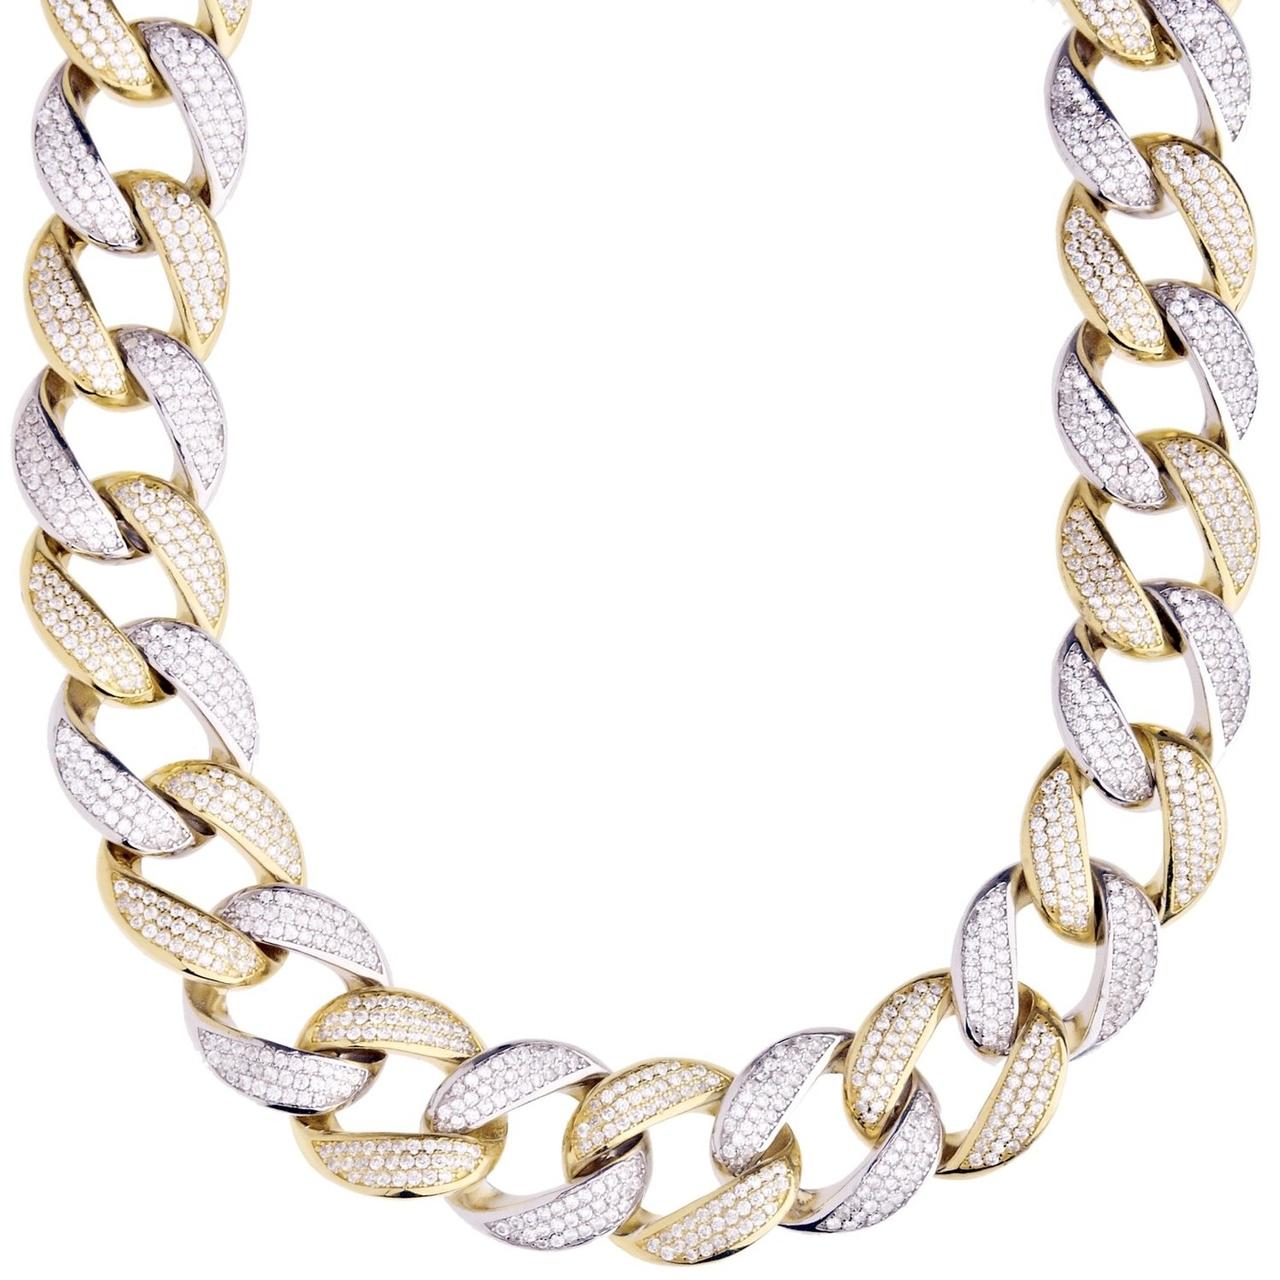 4c886e3100e8e 925 Silver Iced Out Miami Cuban Link Chain 16 MM